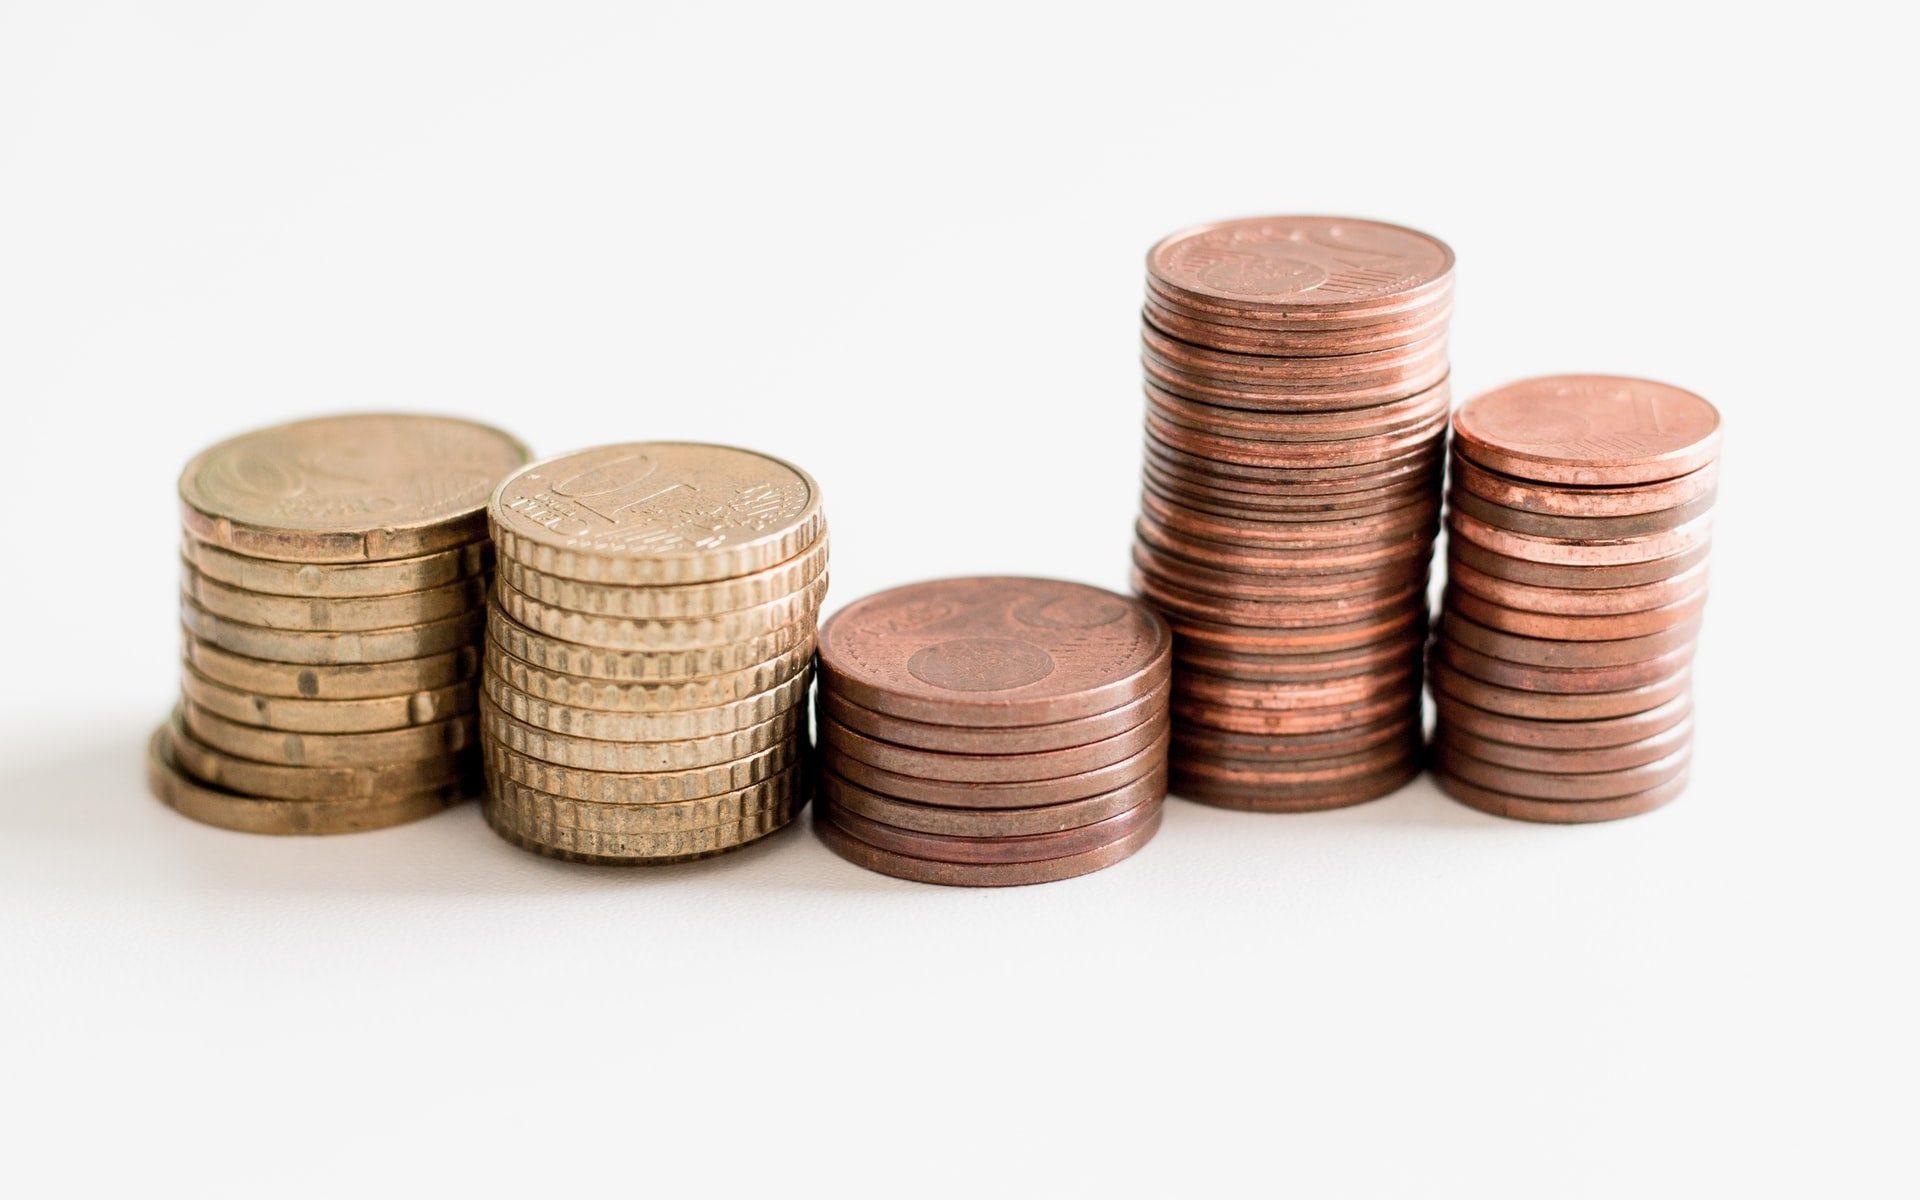 Geschäftsidee im Franchise mit wenig oder keinem Startkapital oder Kapital